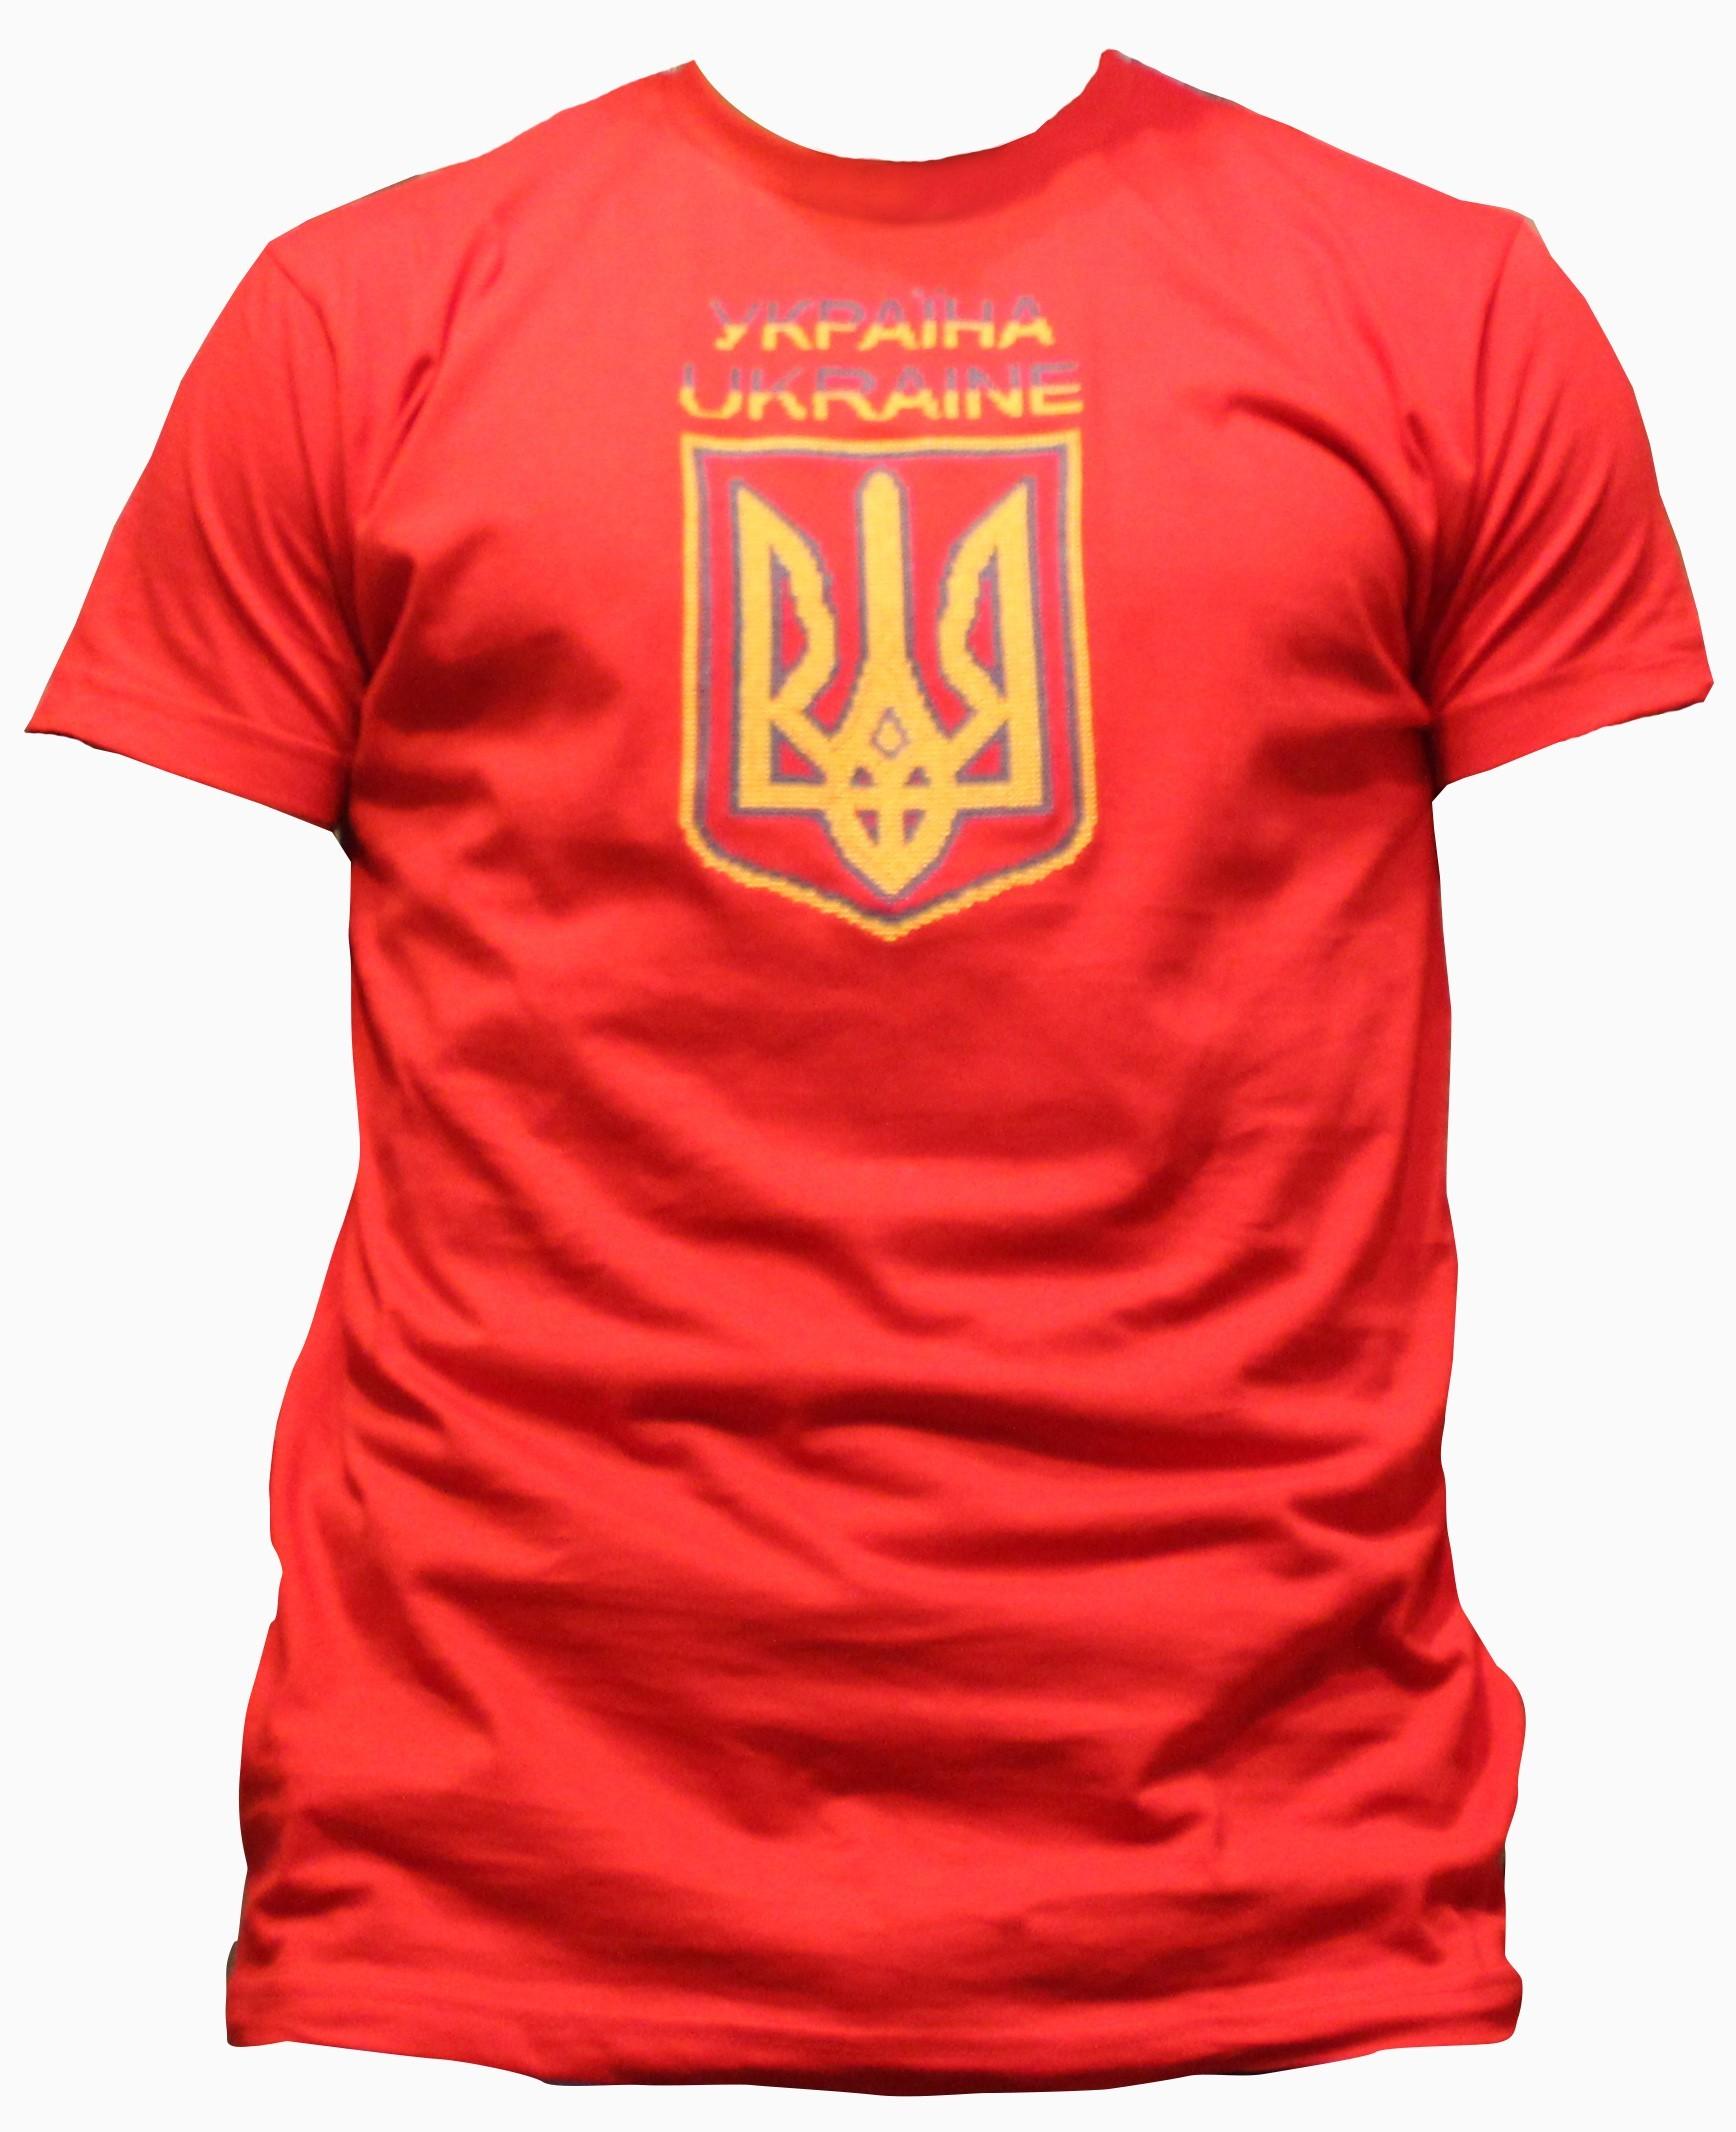 футболка чоловіча з патріотичною вишивкою (Арт. 00526) dc73db264f94f